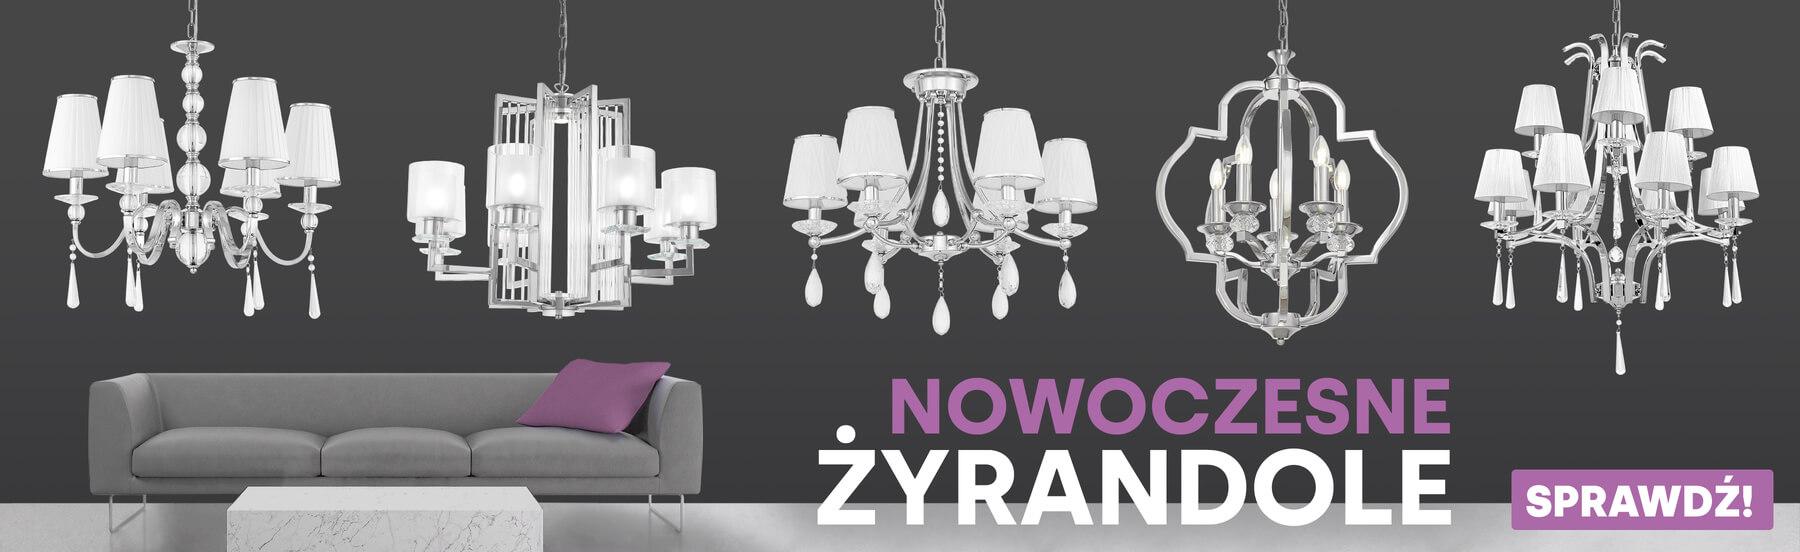 Kryształy, które potrafią zachwycić